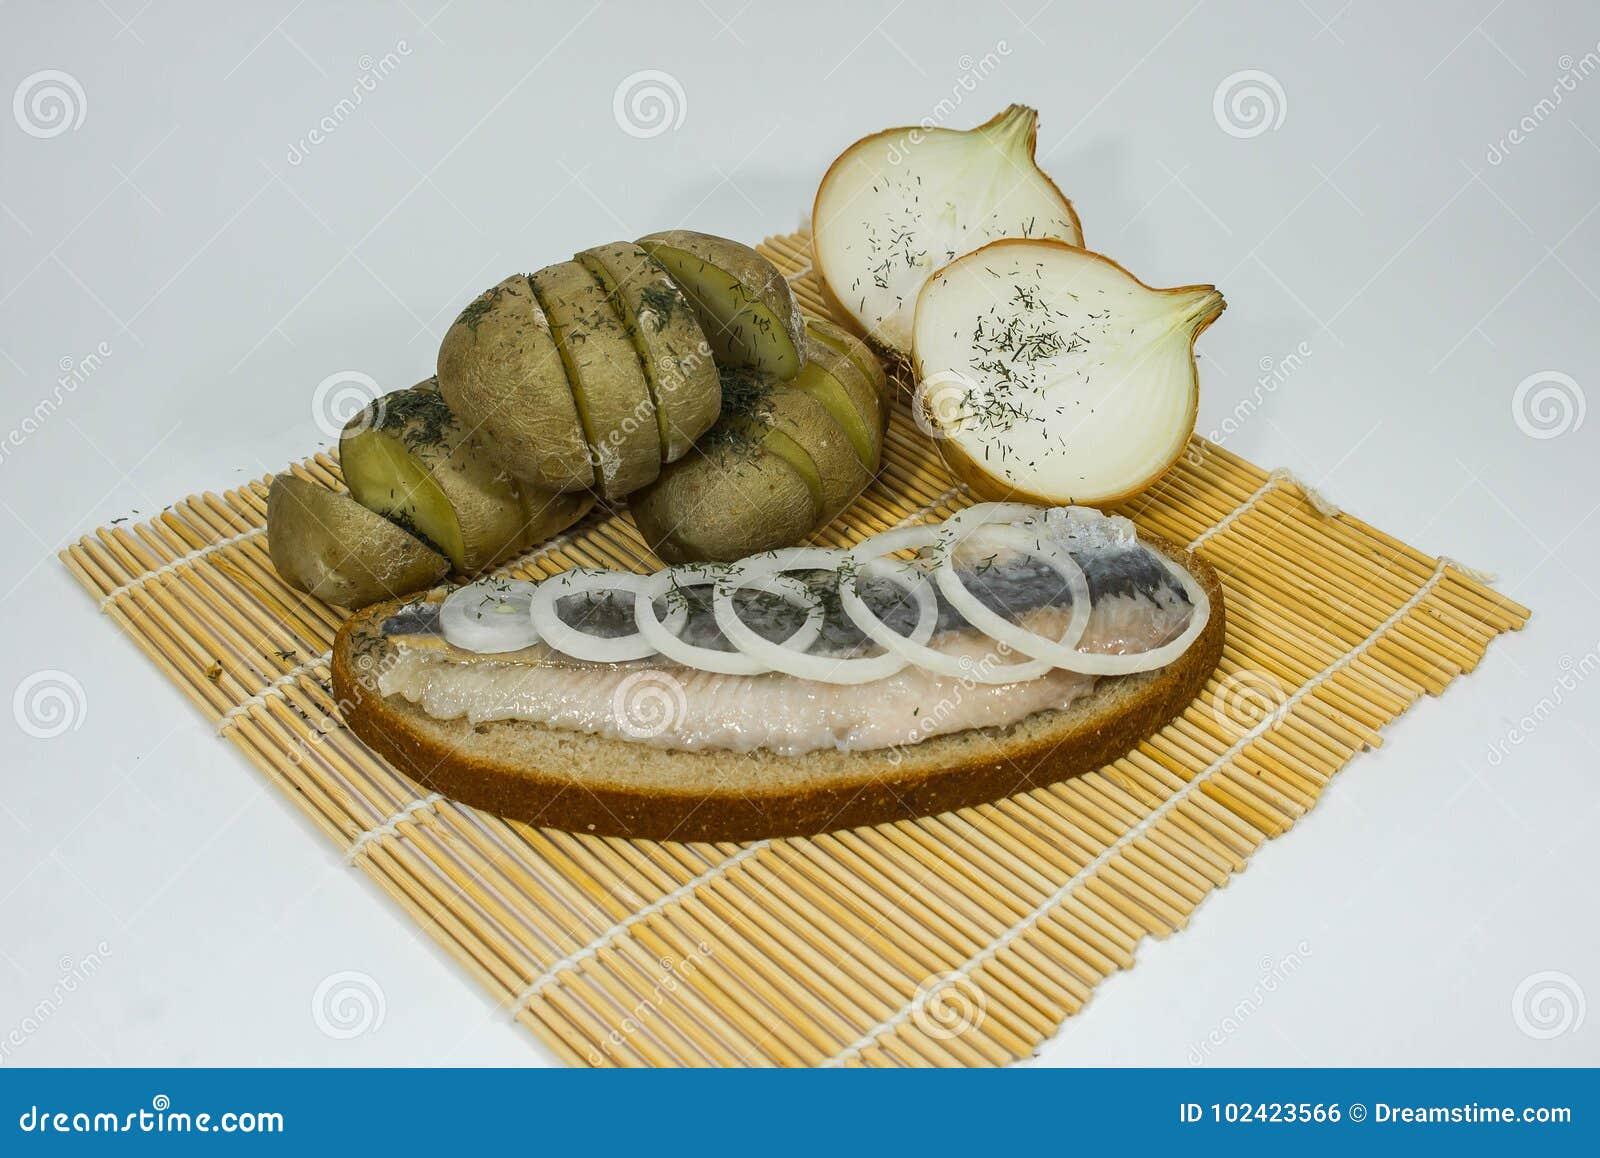 鲱鱼用葱和土豆